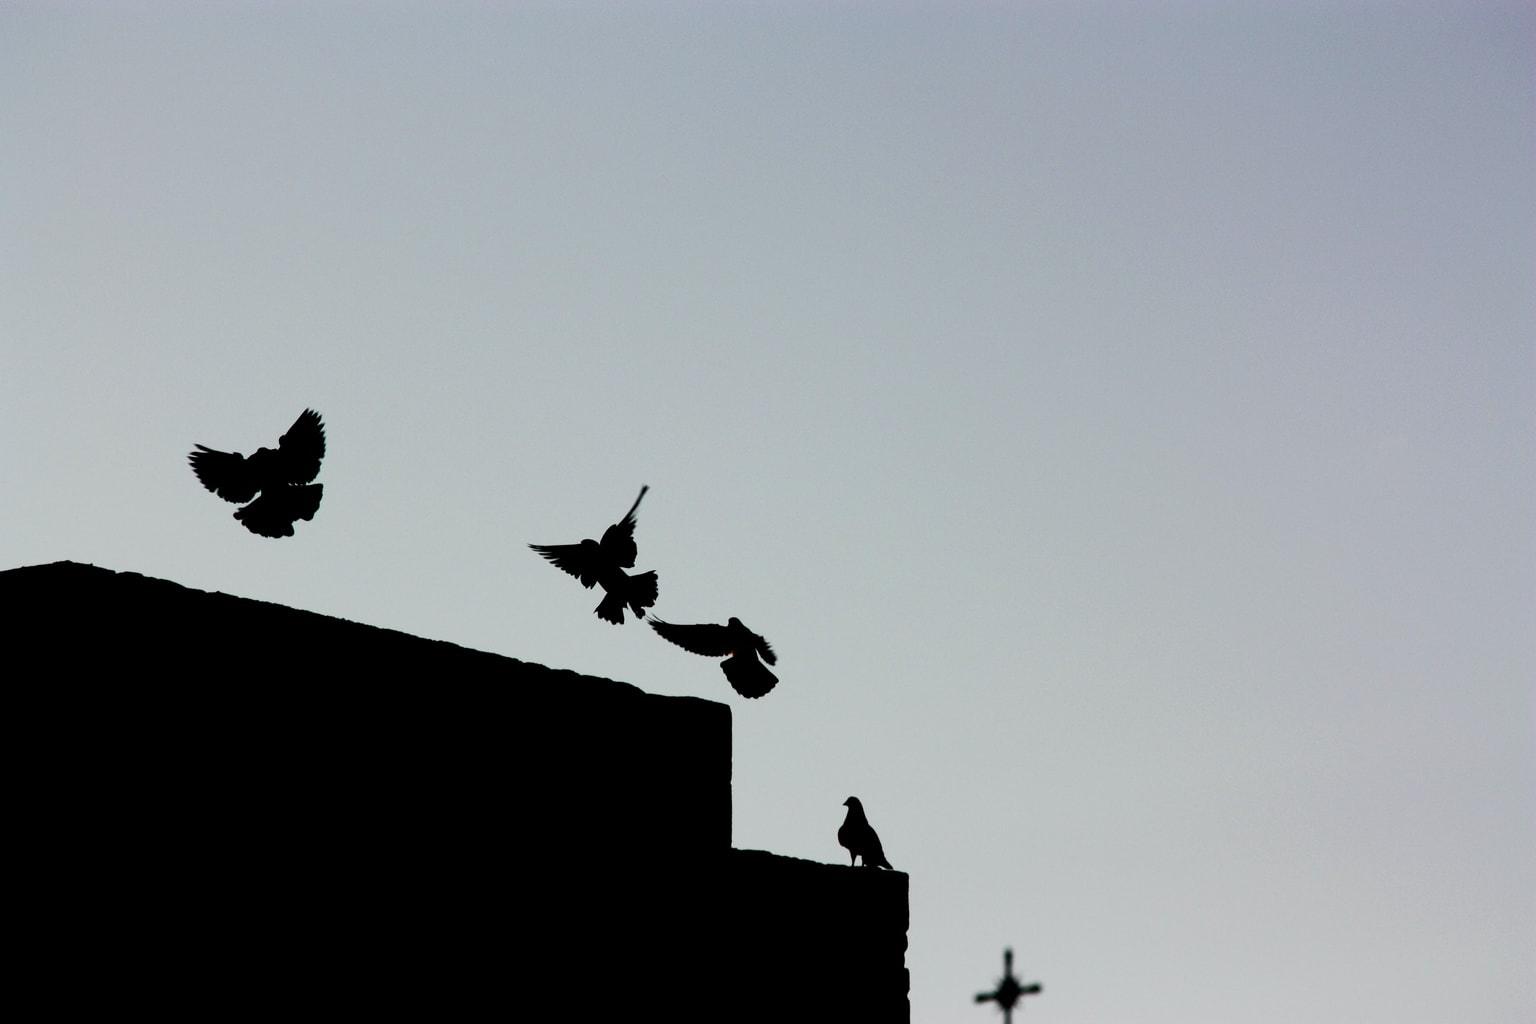 Silueta de varios pájaros en vuelo y reposo